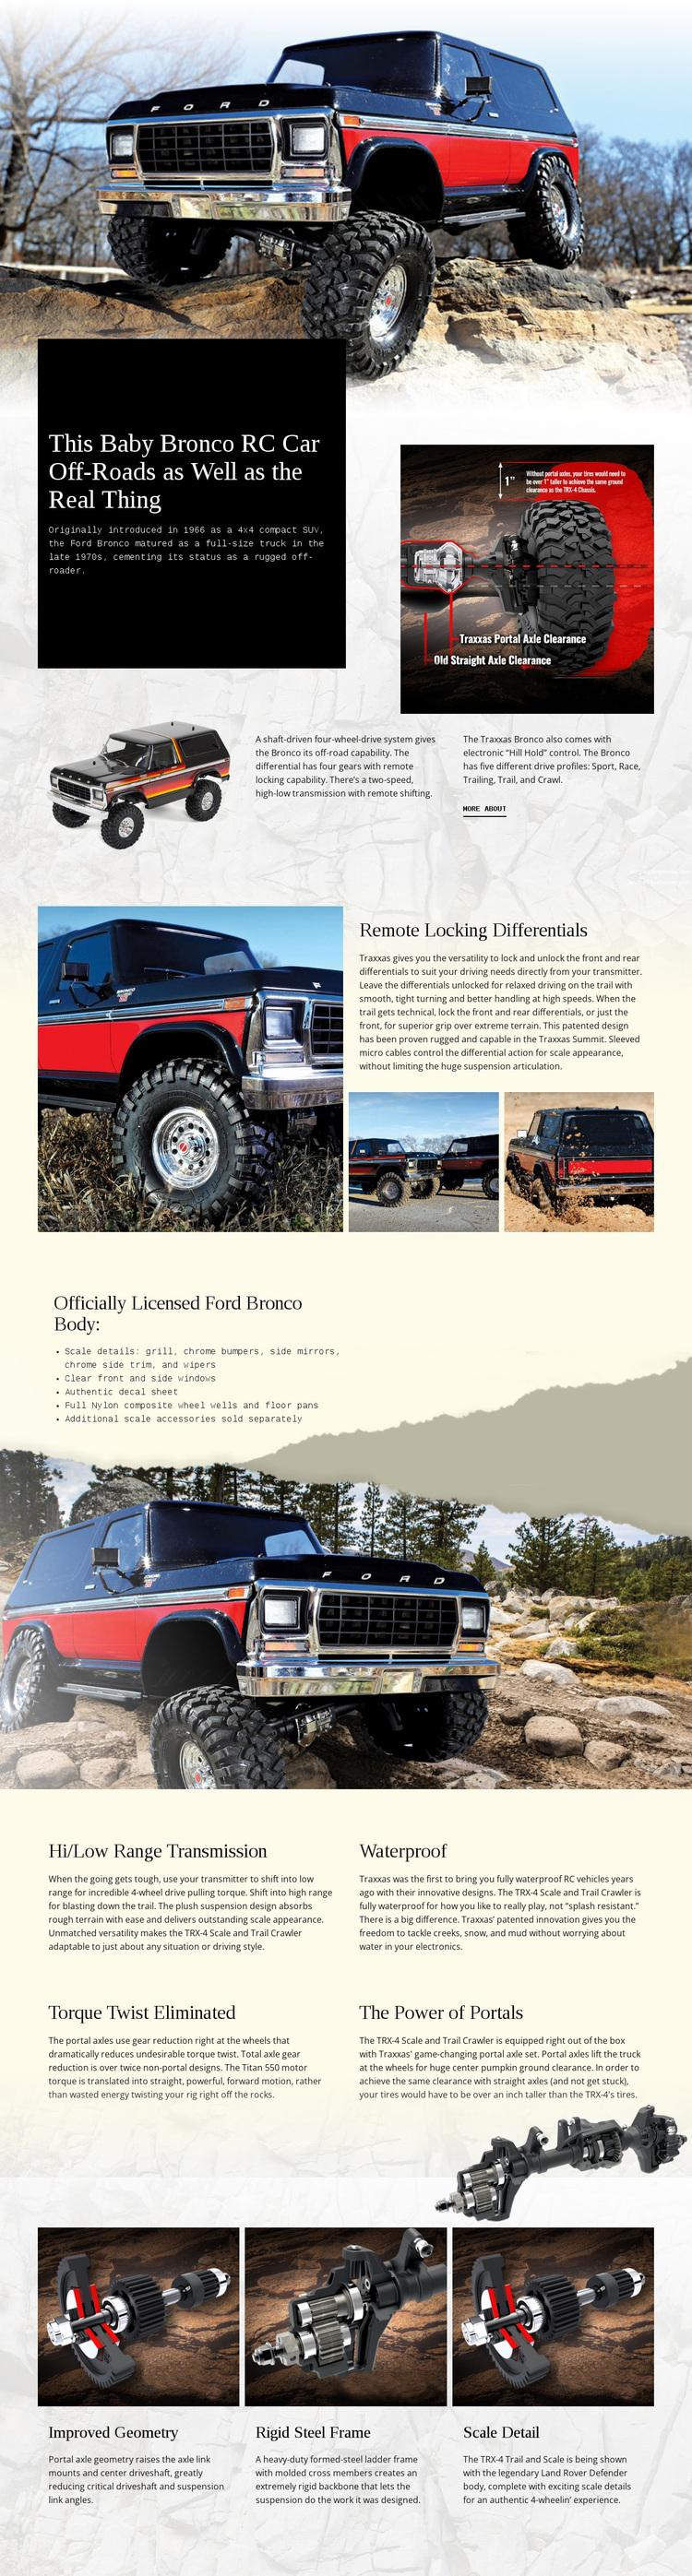 Bronco Rc Car Website Design